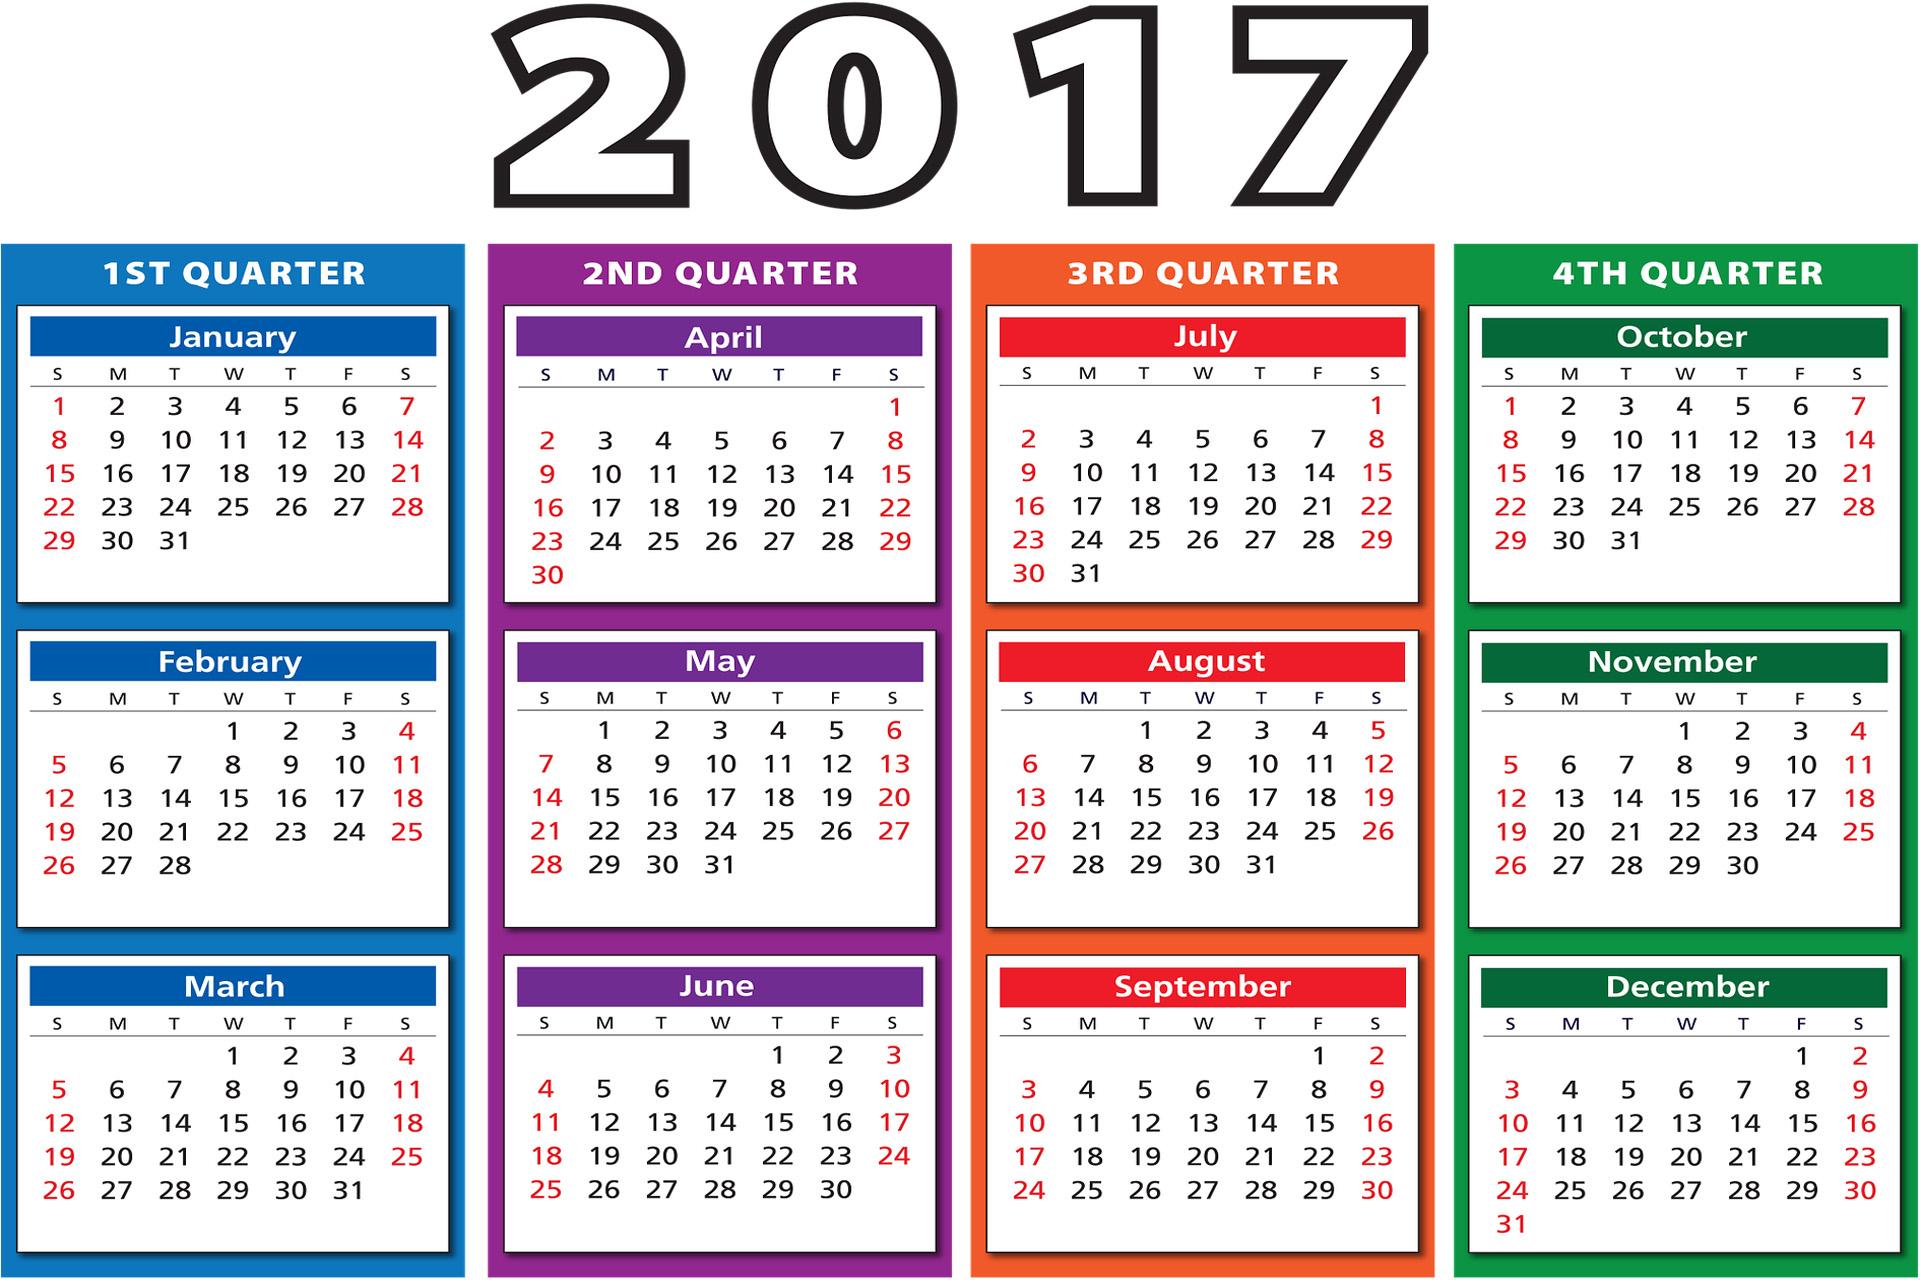 ประกาศมหาวิทยาลัย เรื่องกำหนดวันหยุดและวันทำงานชดเชย ประจำปี พ.ศ.2560